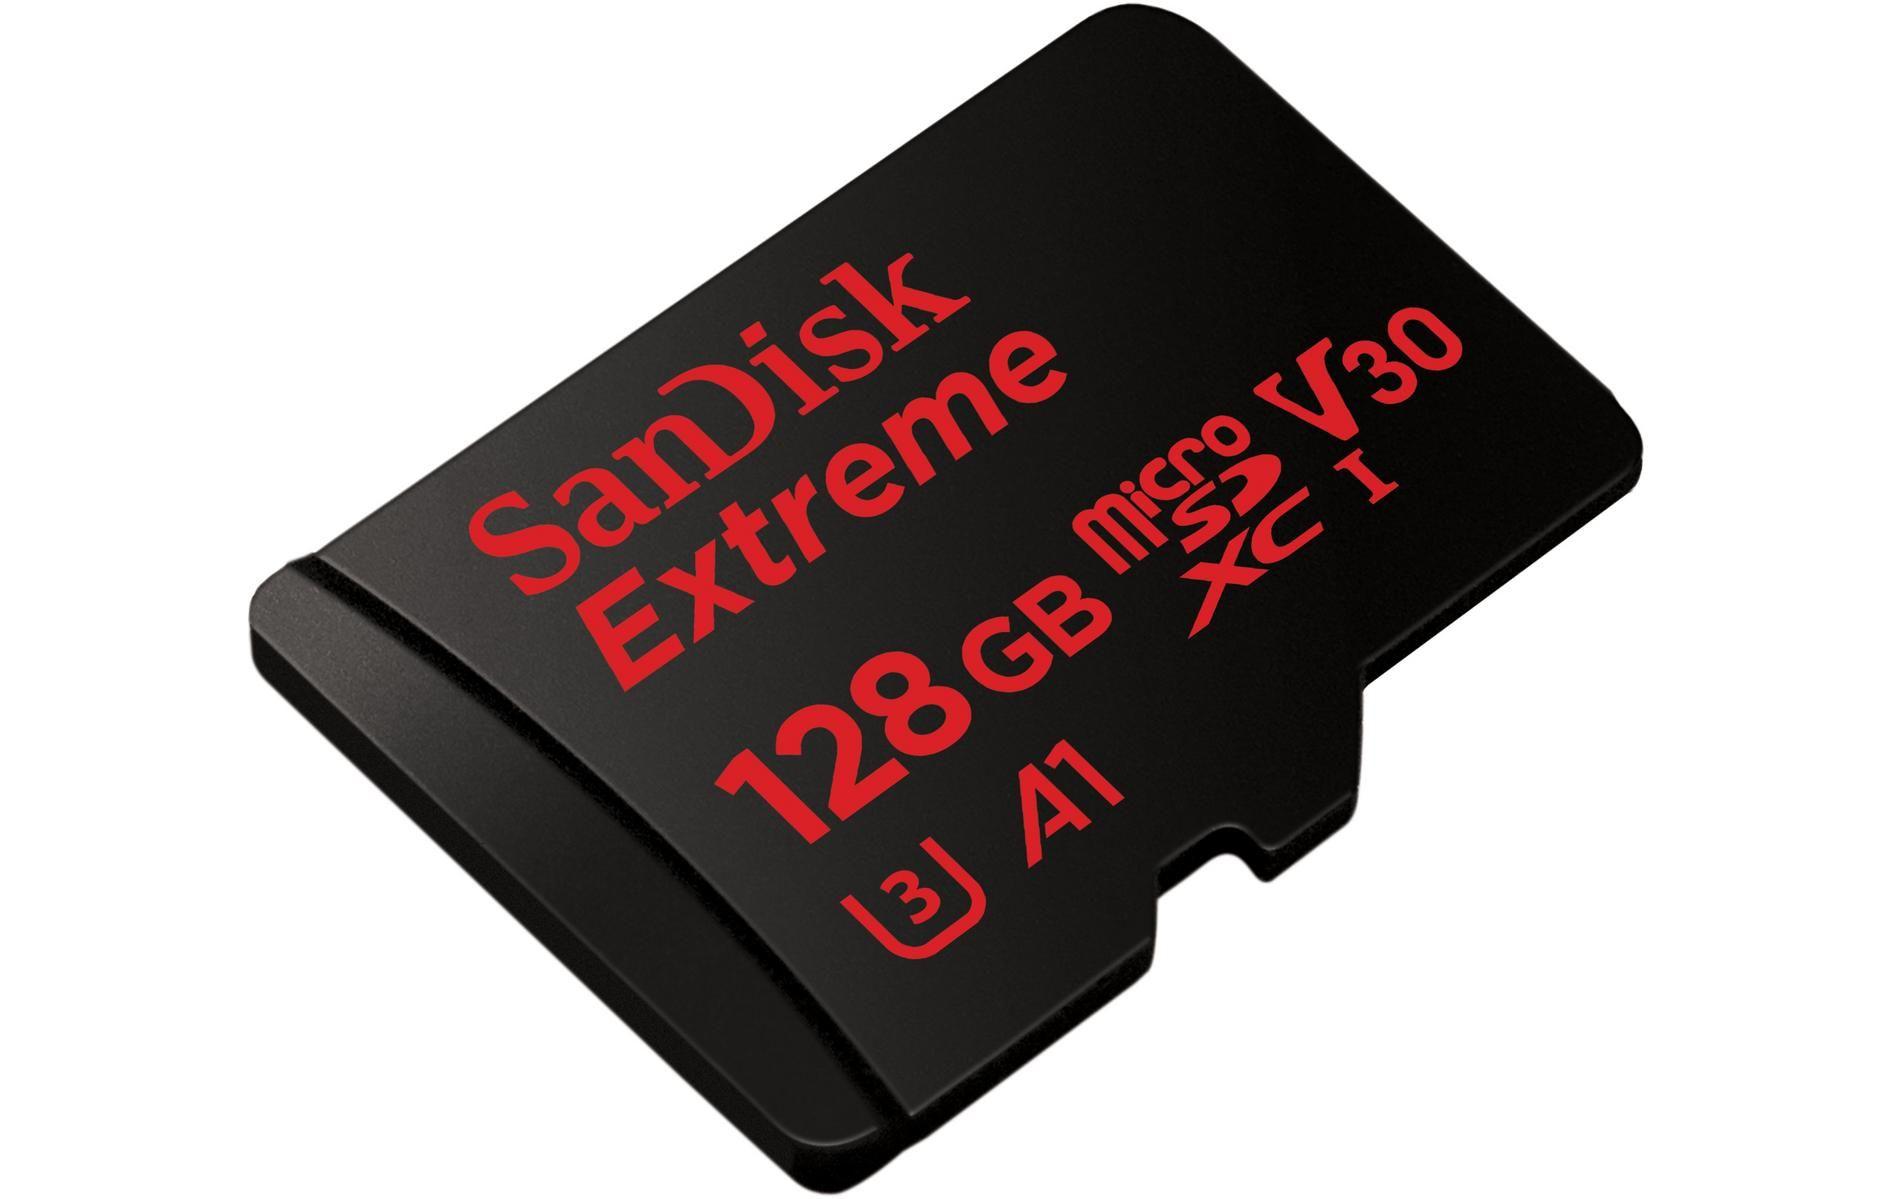 SanDisk Extreme MicroSDXC 128GB V30 (w)- £21.06 @ Halfords (Free C&C)